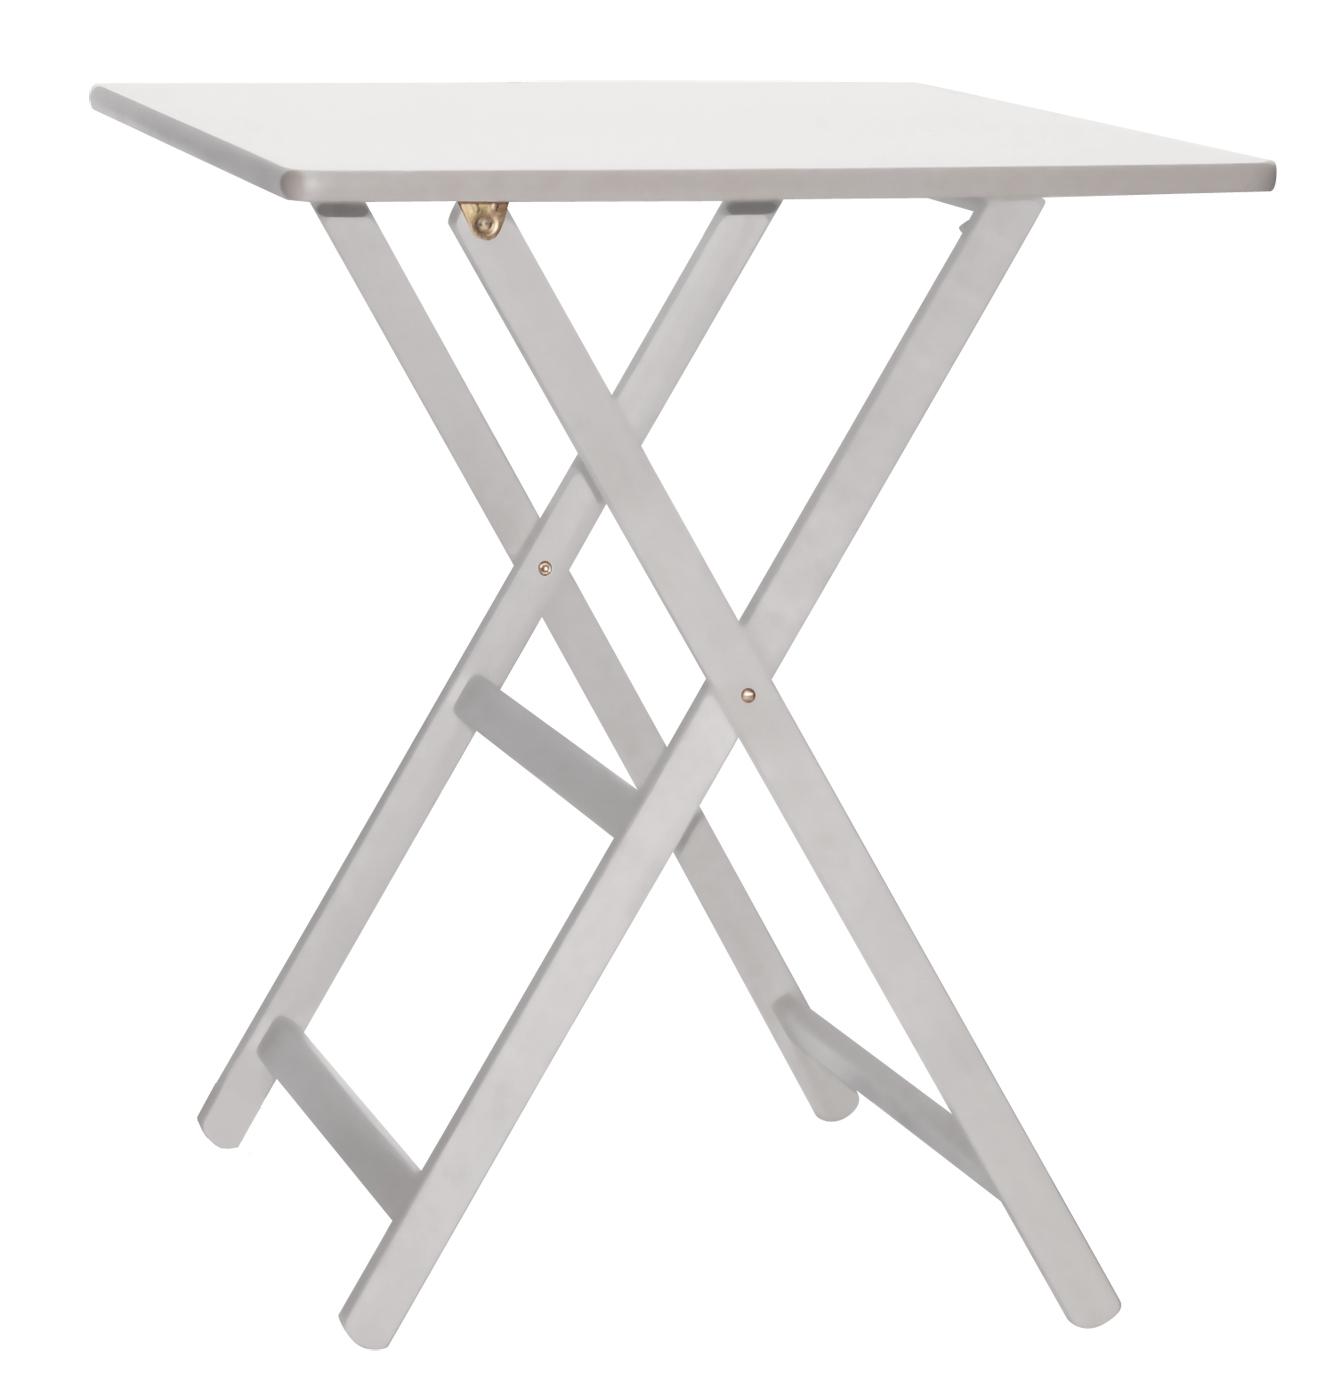 Tavolo Da Muro Pieghevole Ikea.Tavolo Pieghevole Ikea Tutte Le Offerte Cascare A Fagiolo